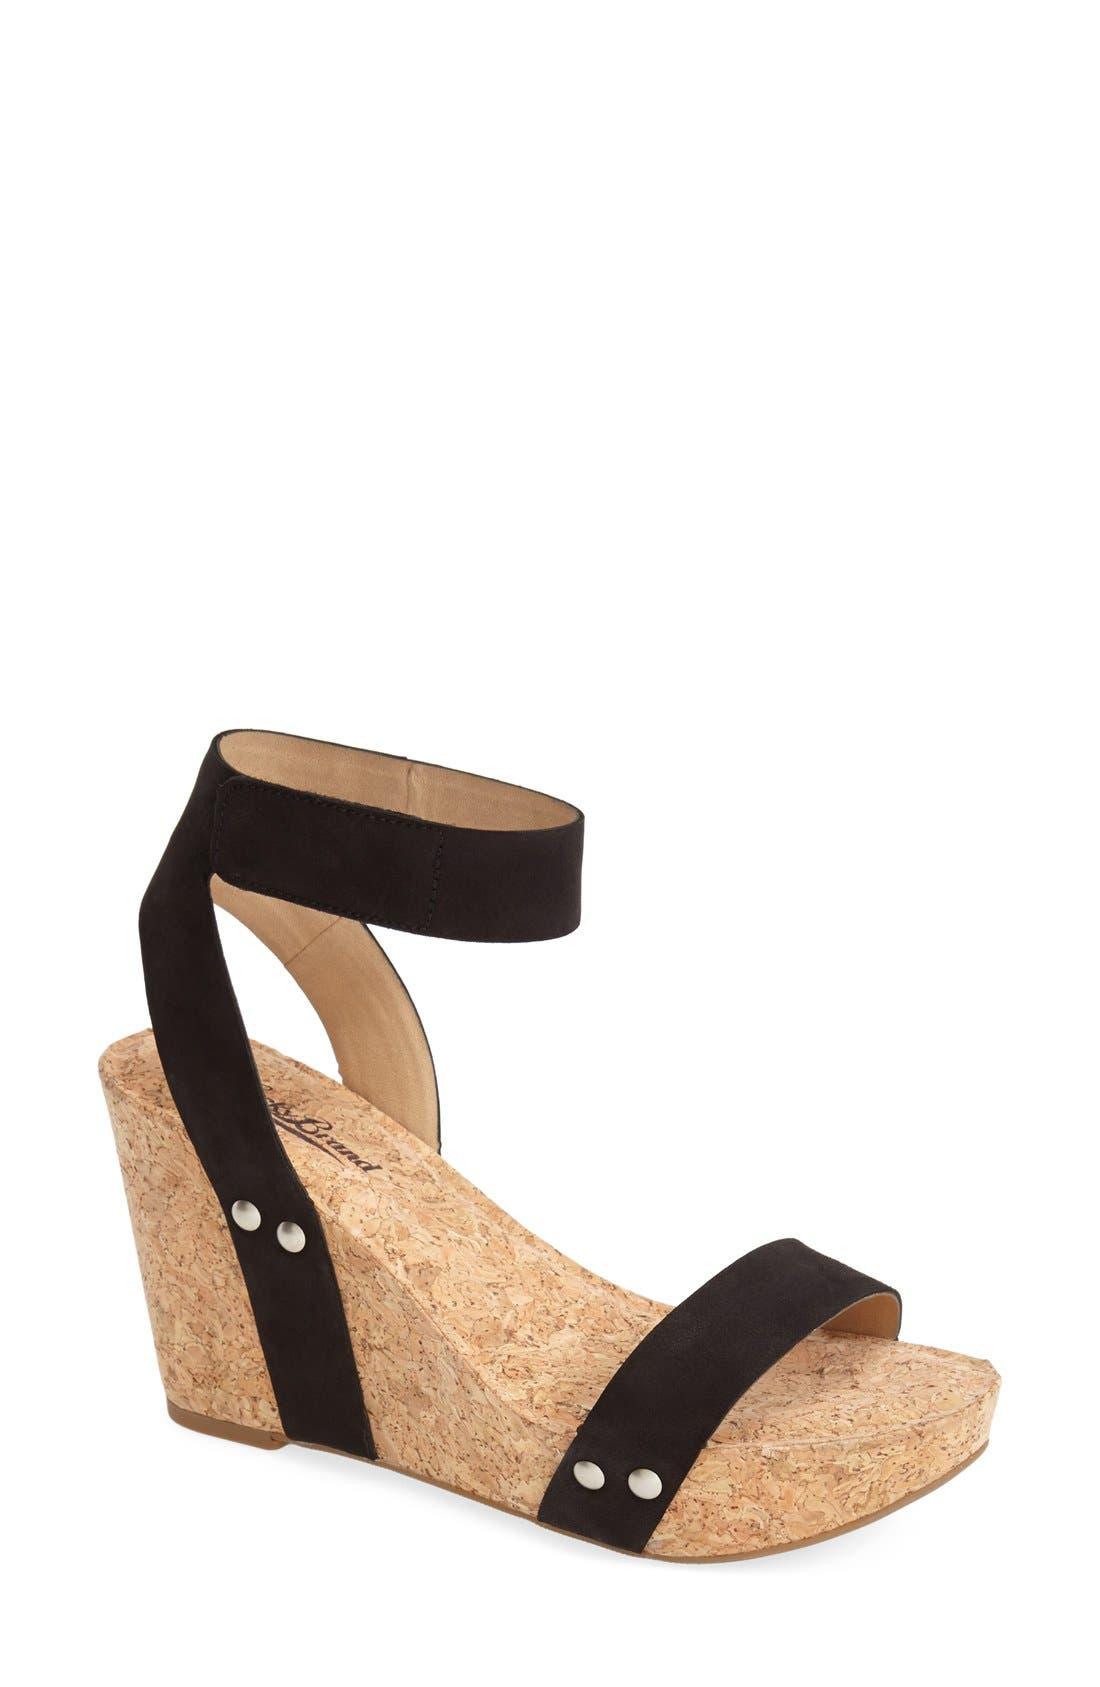 Alternate Image 1 Selected - Lucky Brand 'McDowell' Wedge Sandal (Women)